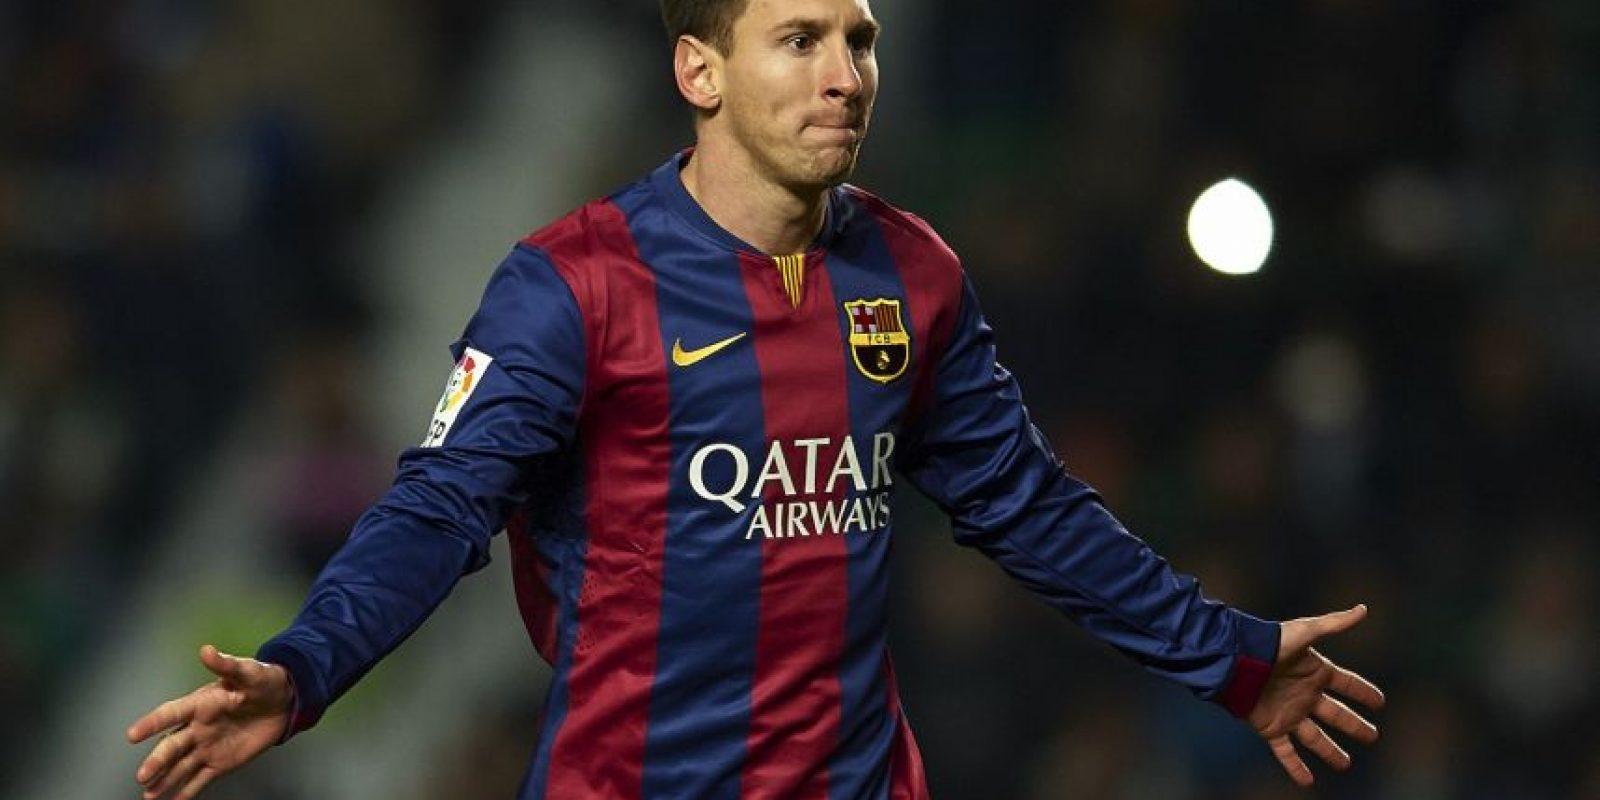 """El argentino recuperó su máximo nivel y con sus 43 goles fue determinante para que su Barça ganara el """"triplete"""". Foto:Getty Images"""